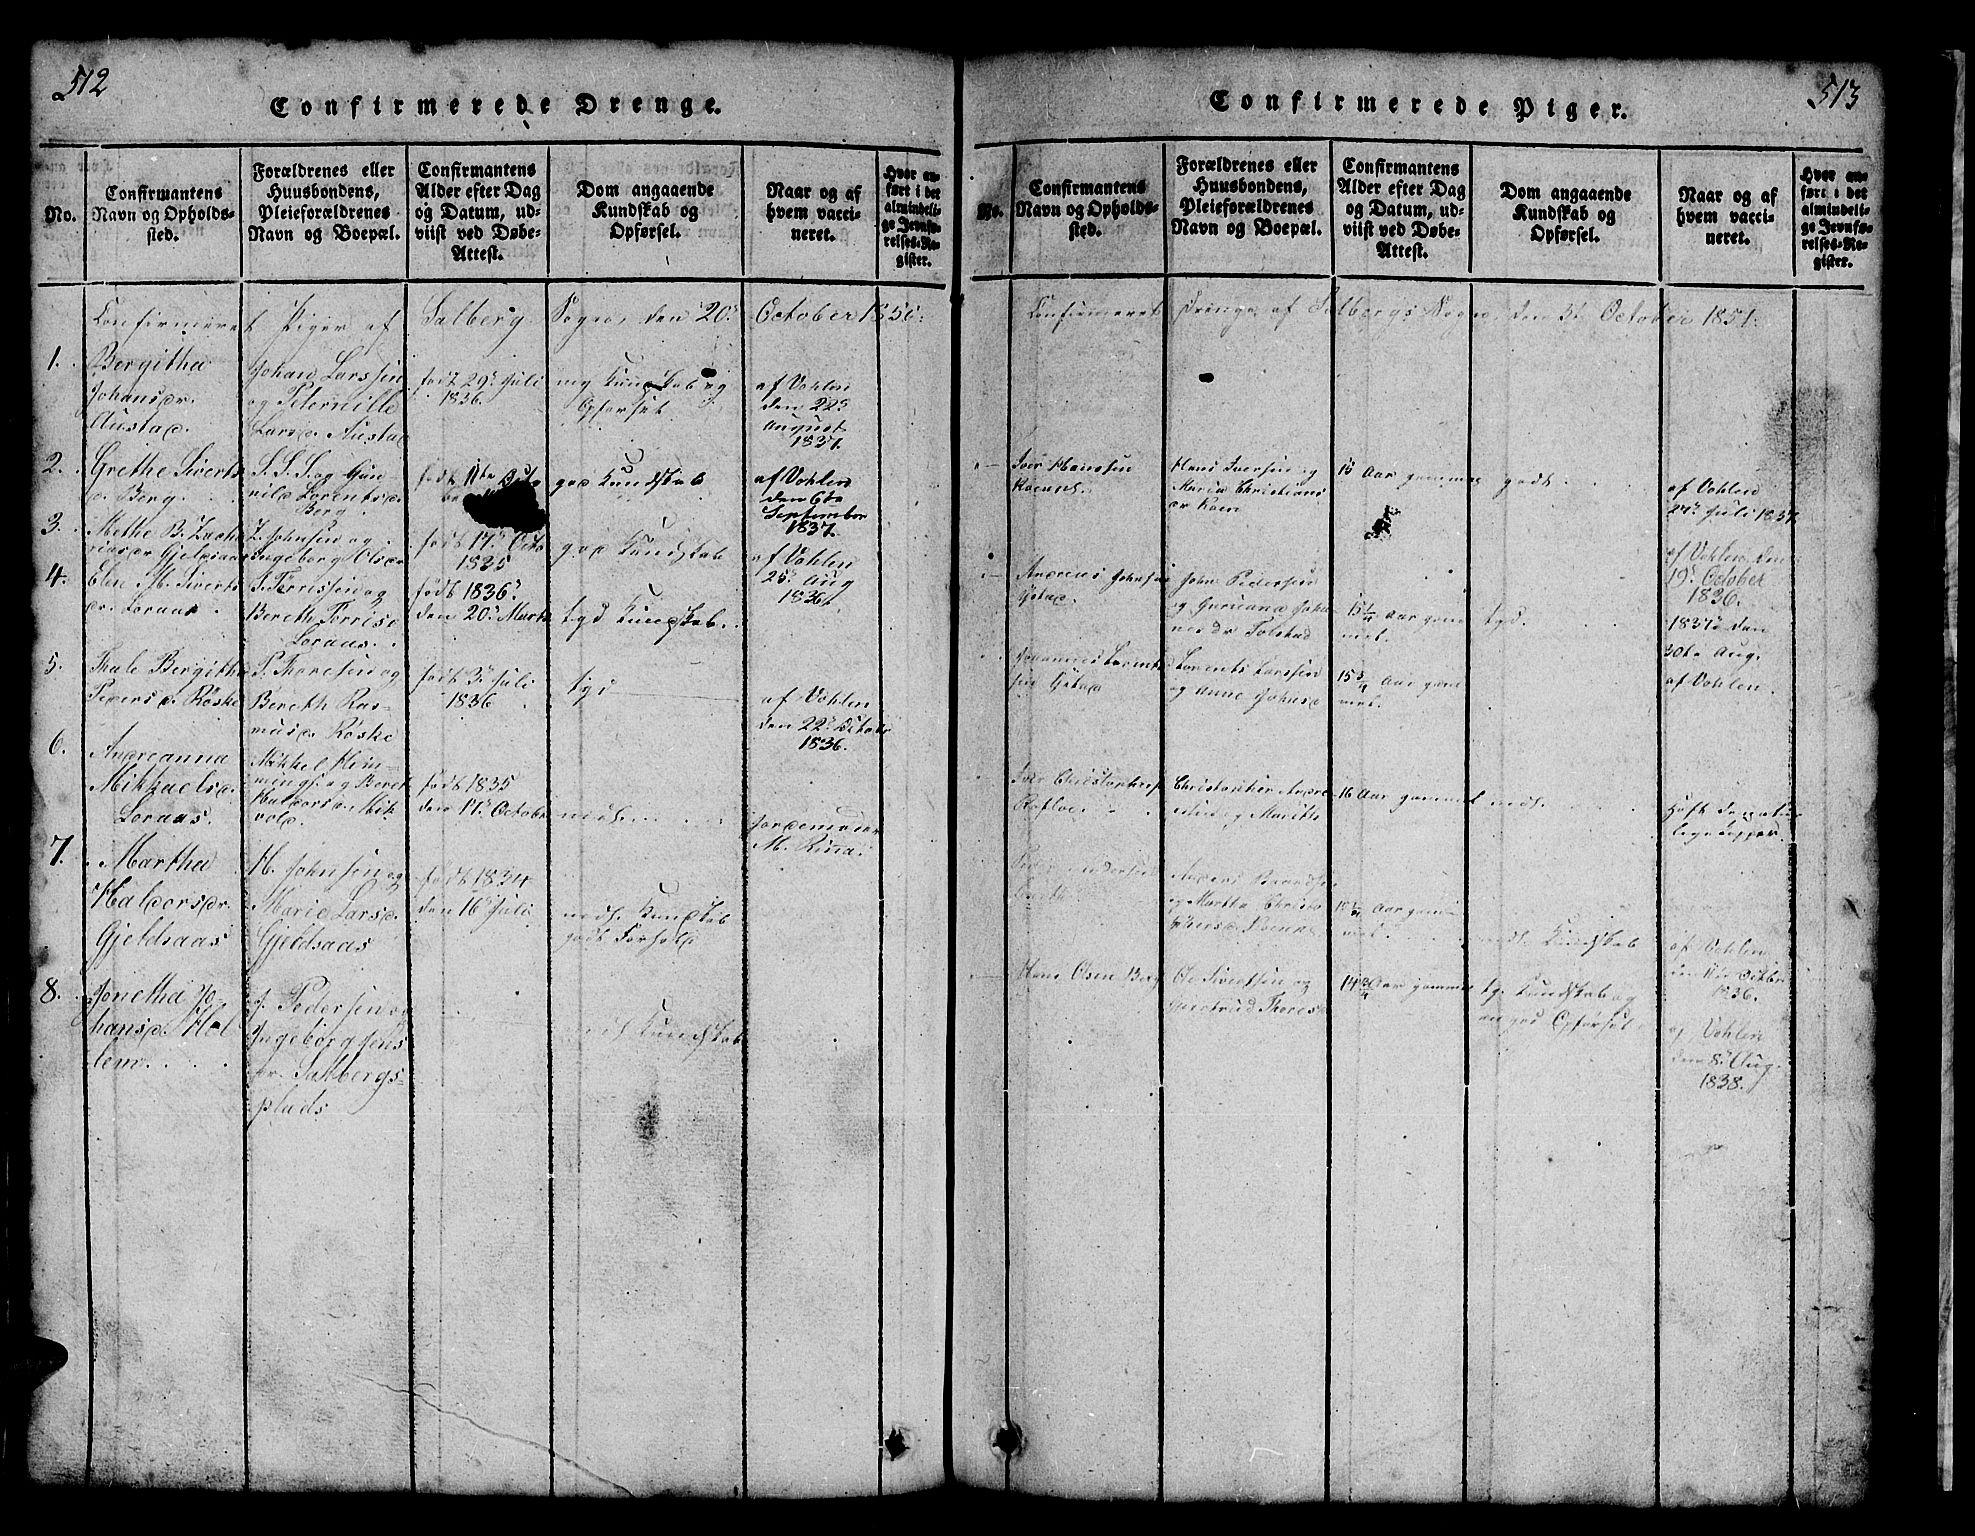 SAT, Ministerialprotokoller, klokkerbøker og fødselsregistre - Nord-Trøndelag, 731/L0310: Klokkerbok nr. 731C01, 1816-1874, s. 512-513